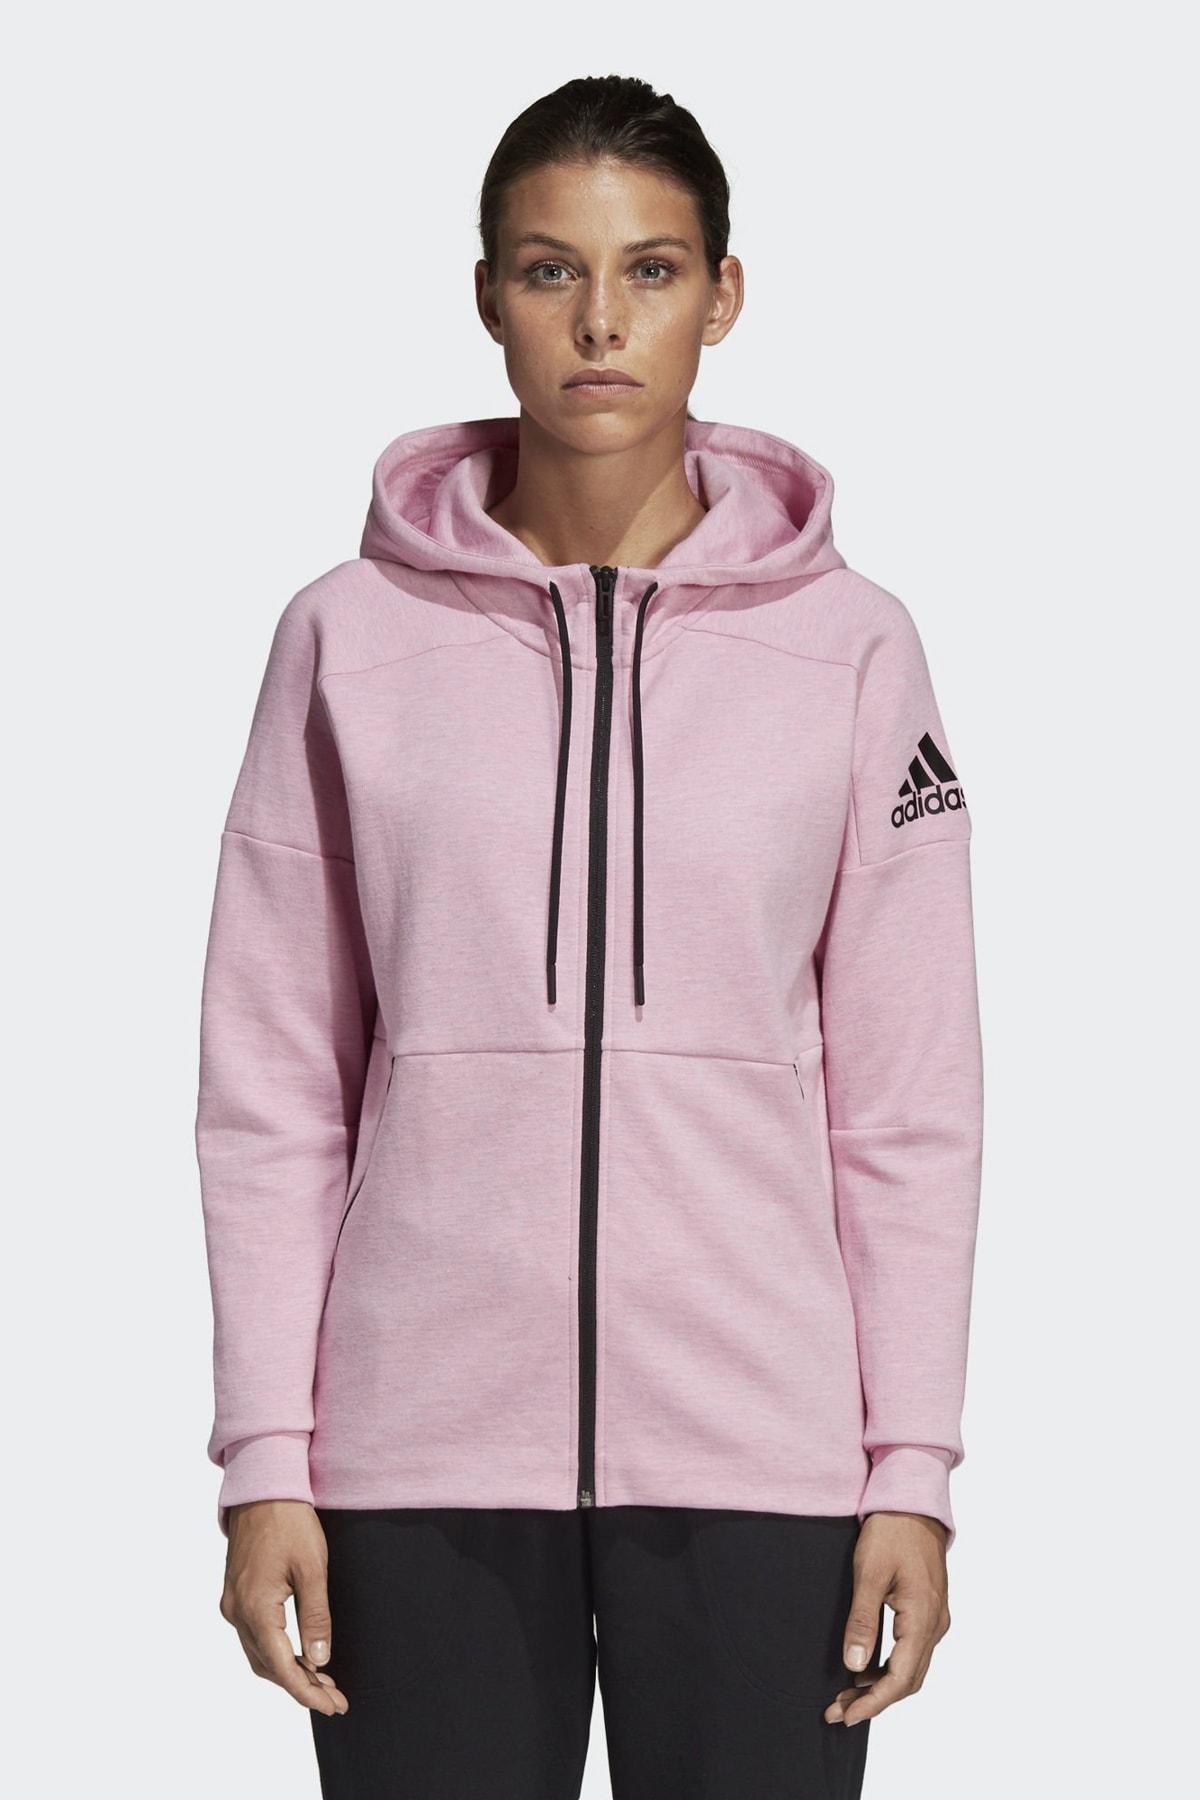 Kadın Sweatshirt - W Id Stadium Hd - DT9338